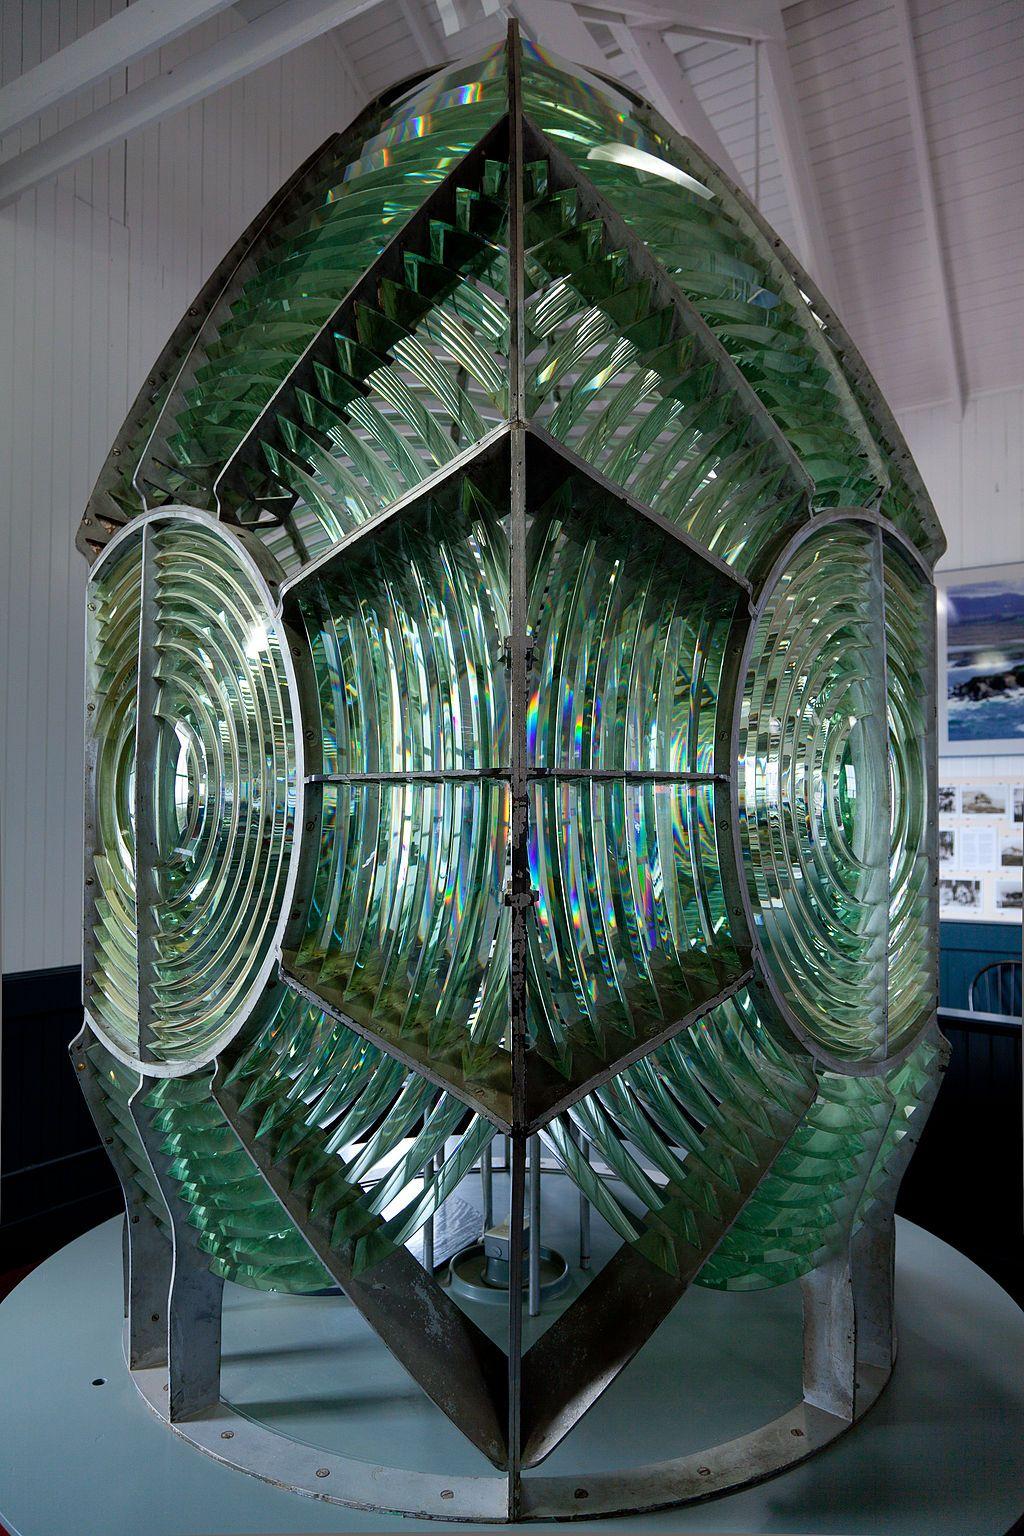 1st order Fresnel lighthouse lens - Fresnel lens - Wikipedia